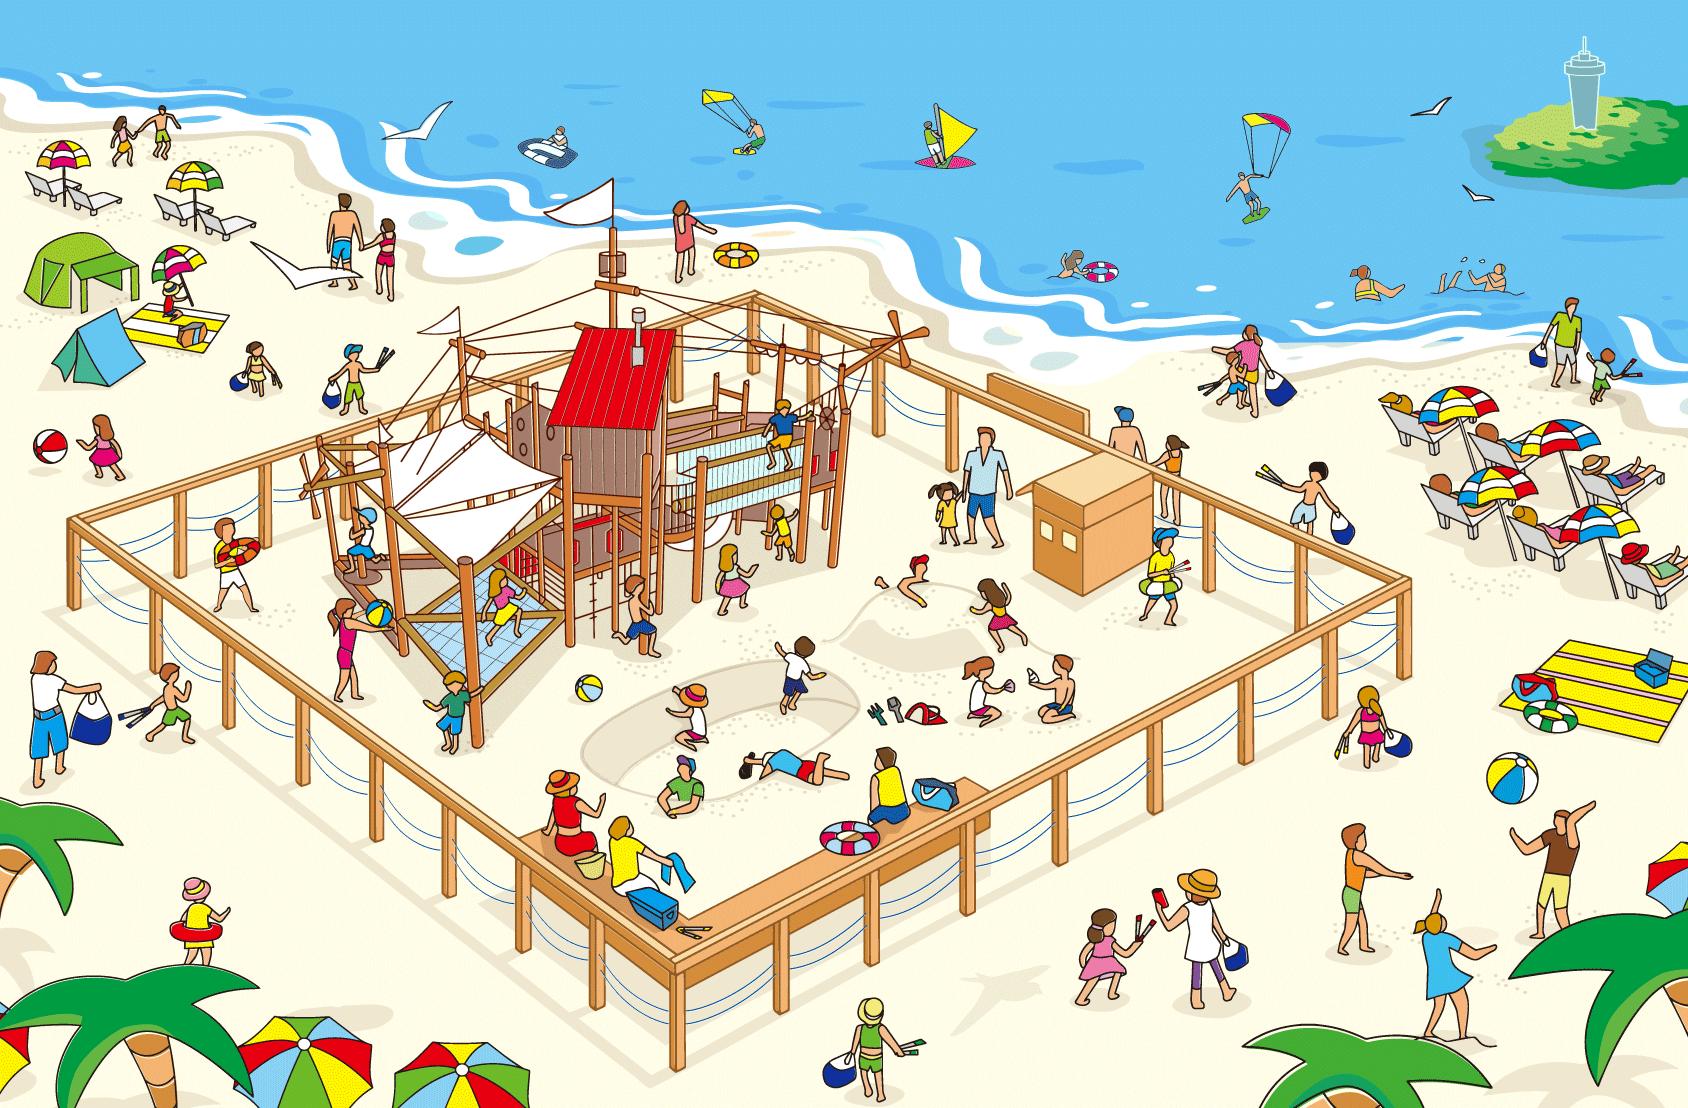 【江の島】片瀬東浜海水浴場に子供が遊べるスポット「ちびっこBEACH SAVERパーク」誕生!!